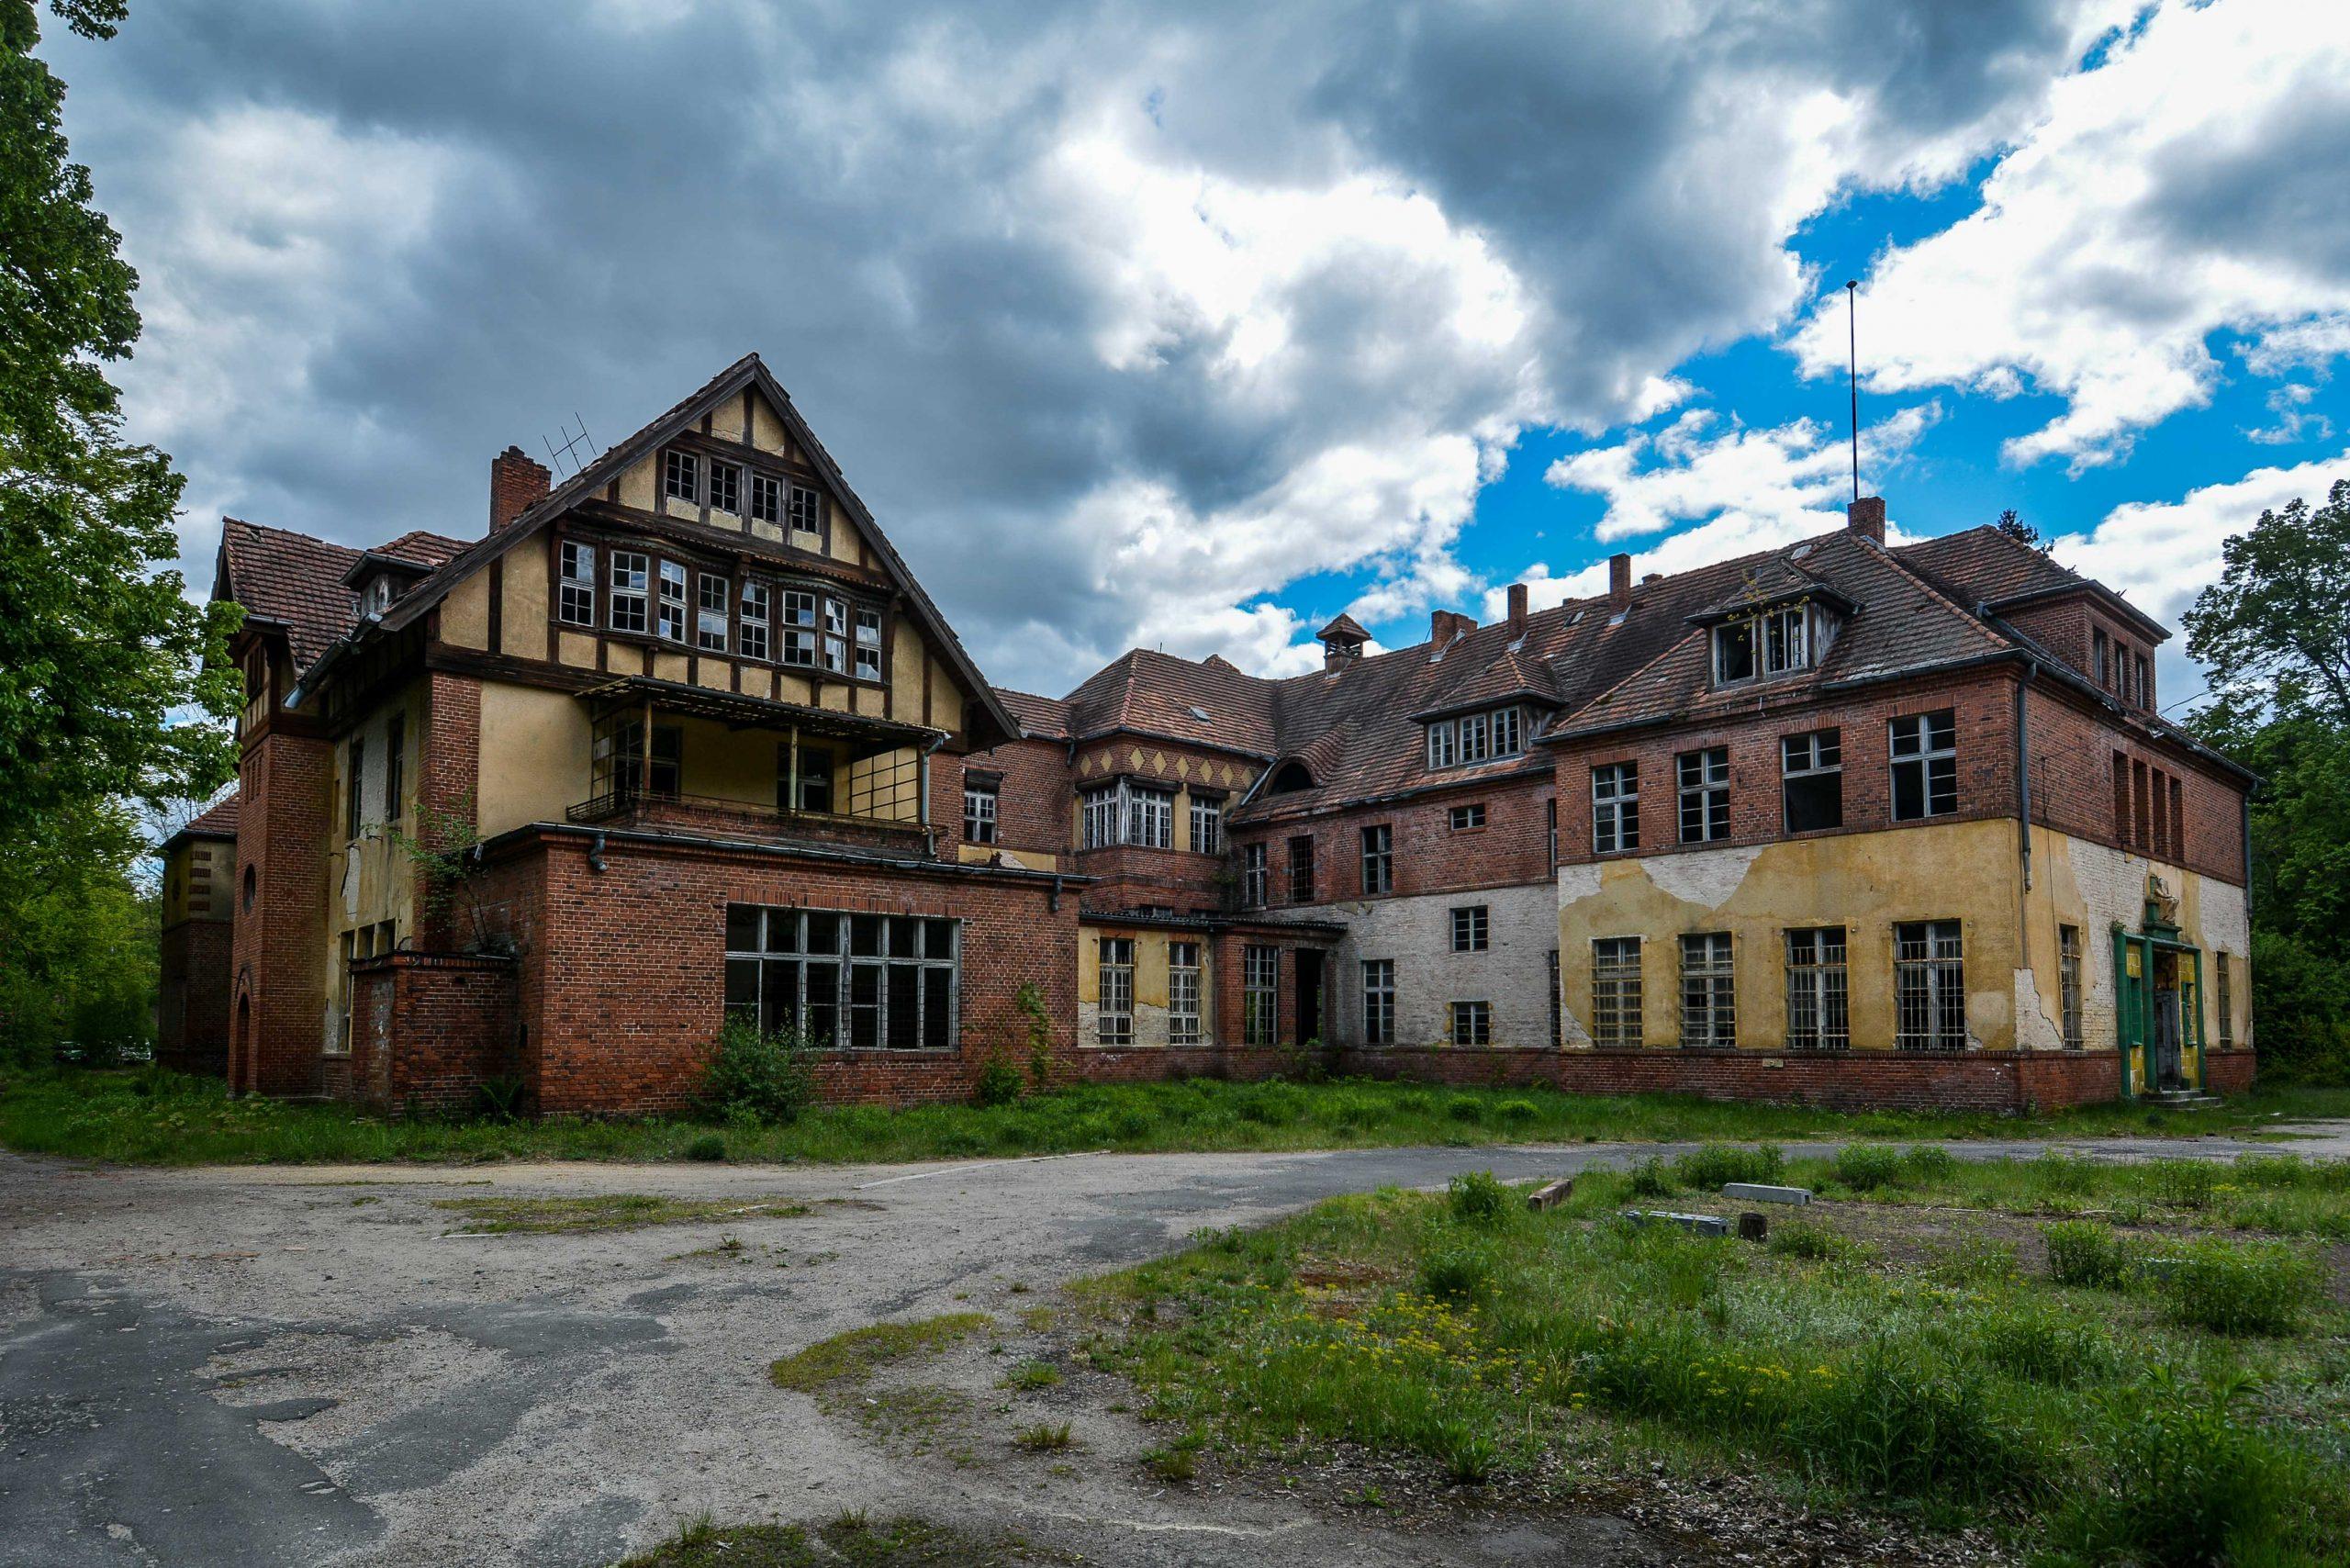 administration building side view tuberkulose heilstaette grabowsee sanatorium hospital oranienburg lost places abandoned urbex brandenburg germany deutschland